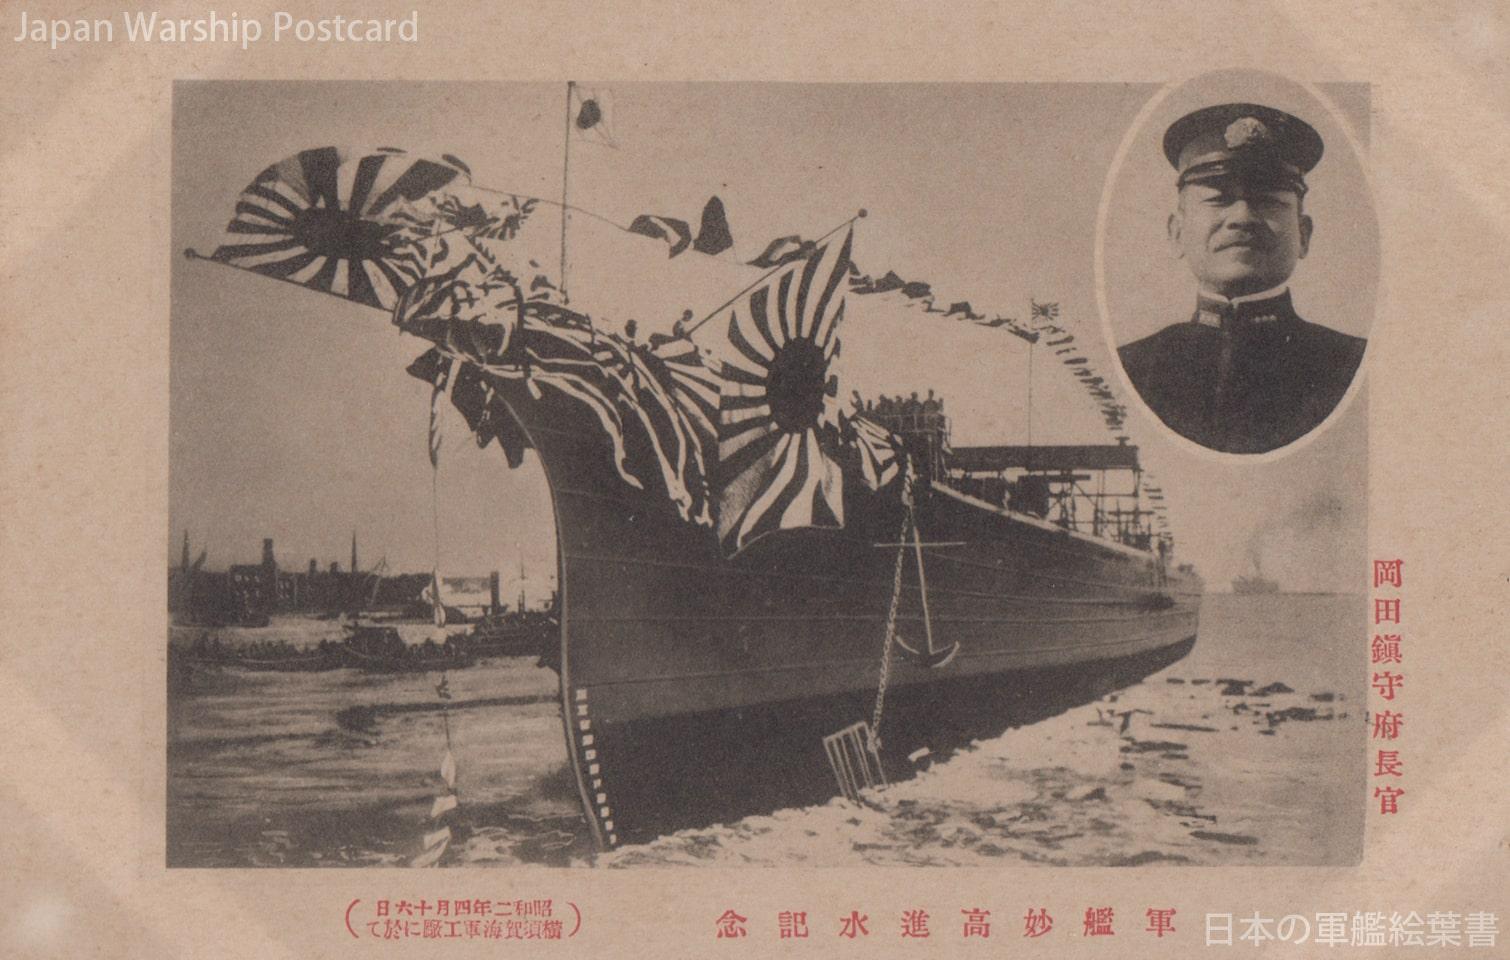 妙高型重巡洋艦「妙高」